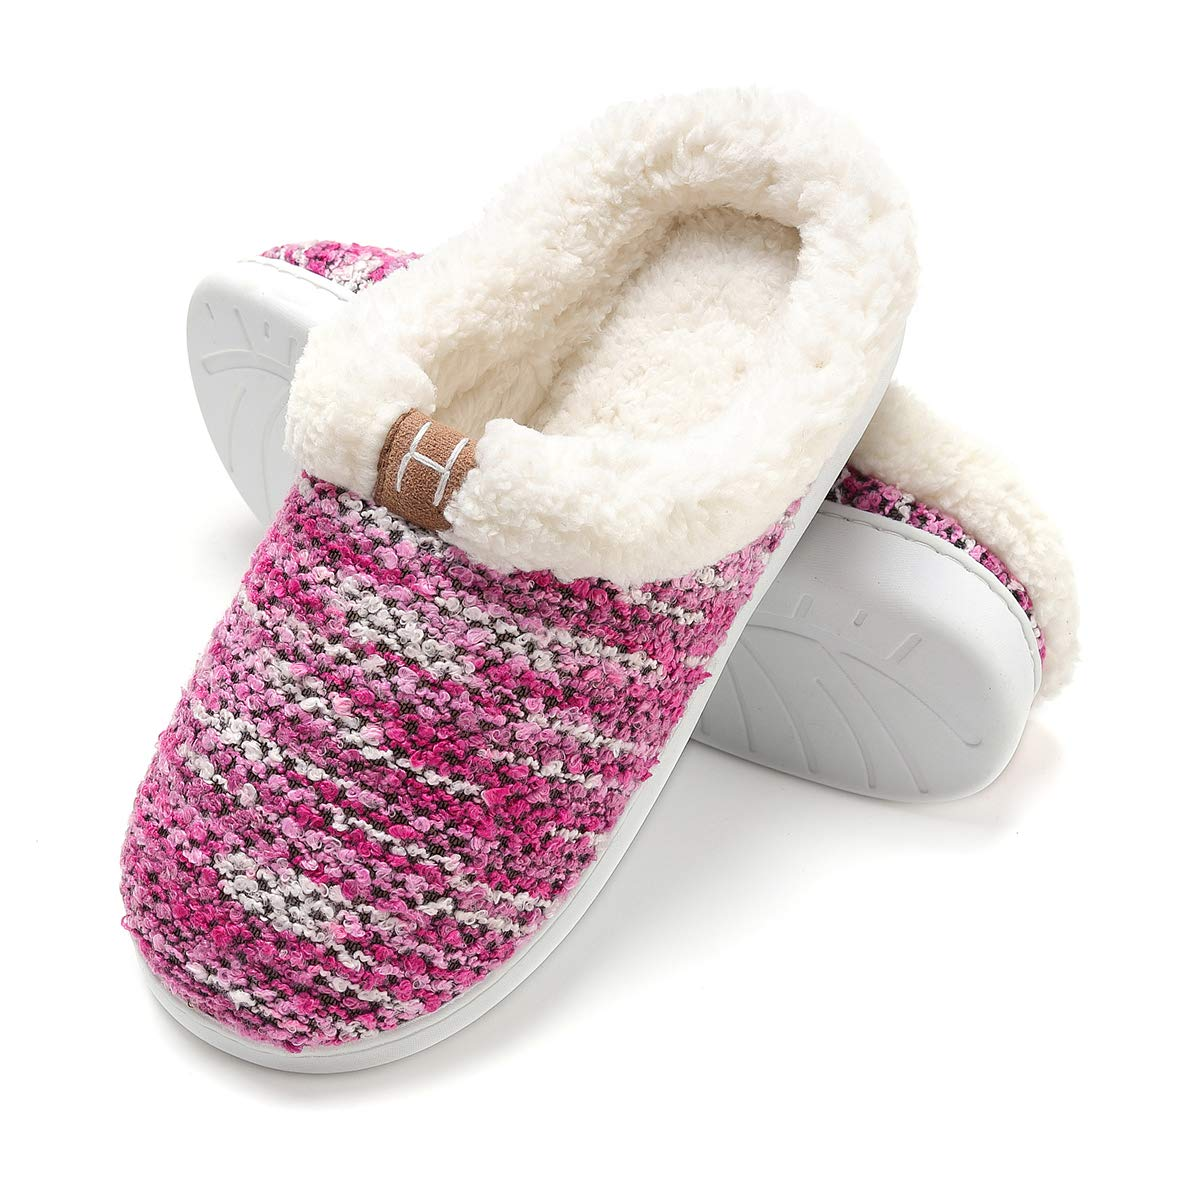 TALLA 42/43 EU. Zapatillas de Casa de Mujer Invierno - Zapatillas Casa Ultraligero Cómodo y Antideslizante, Zapatilla de Estar por Casa para Mujer Fluff Antideslizantes